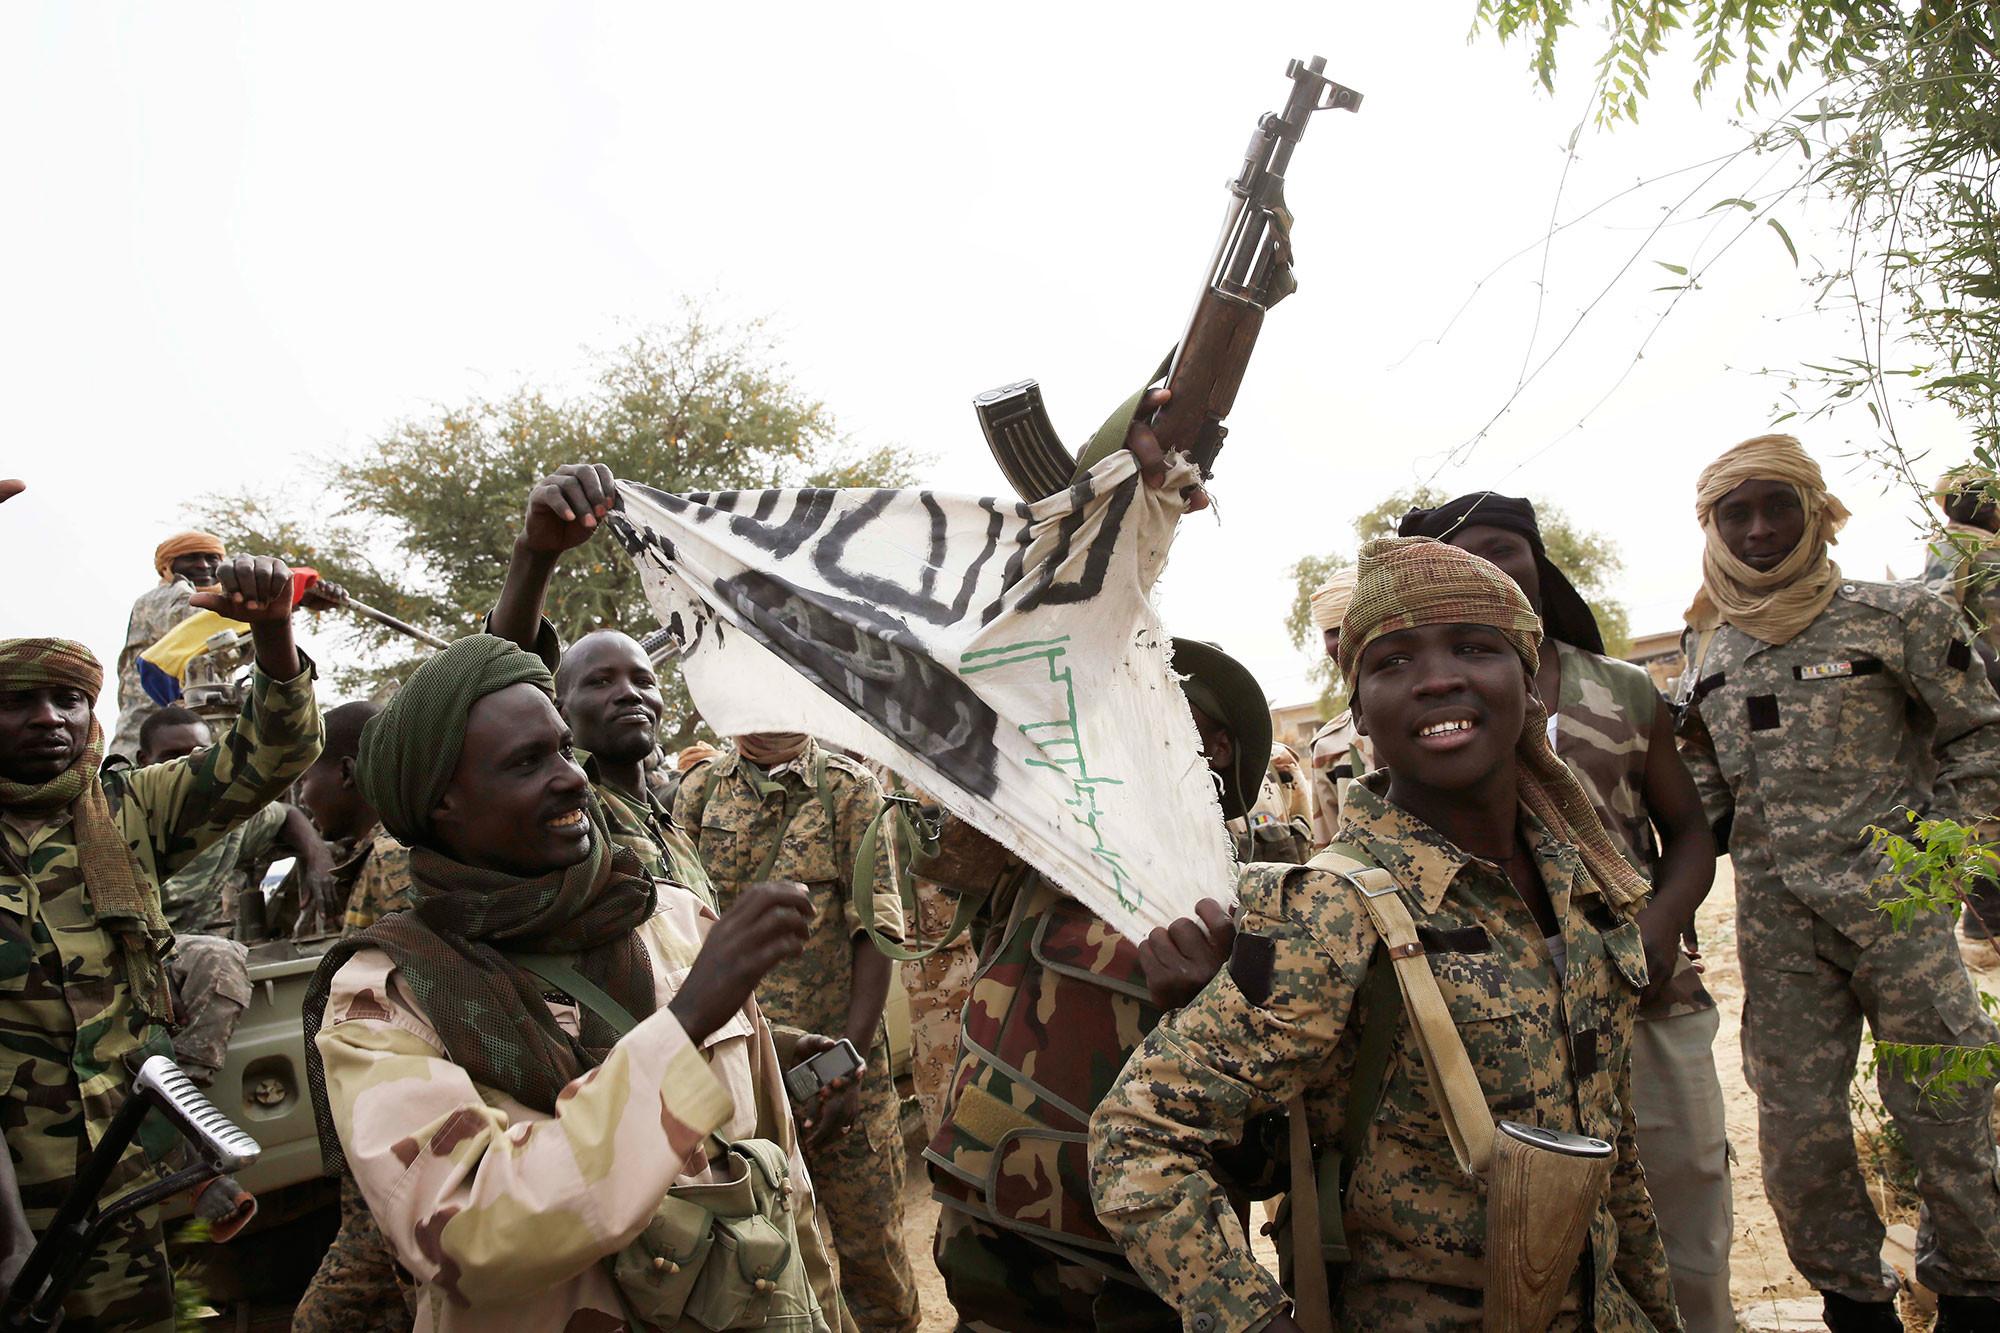 """Чадские солдаты демонстрируют флаг """"Боко харам"""" в интересах прессы в городе Дамасак, Нигерия, 18 марта 2015 года. Фото: © AP Photo/Jerome Delay"""